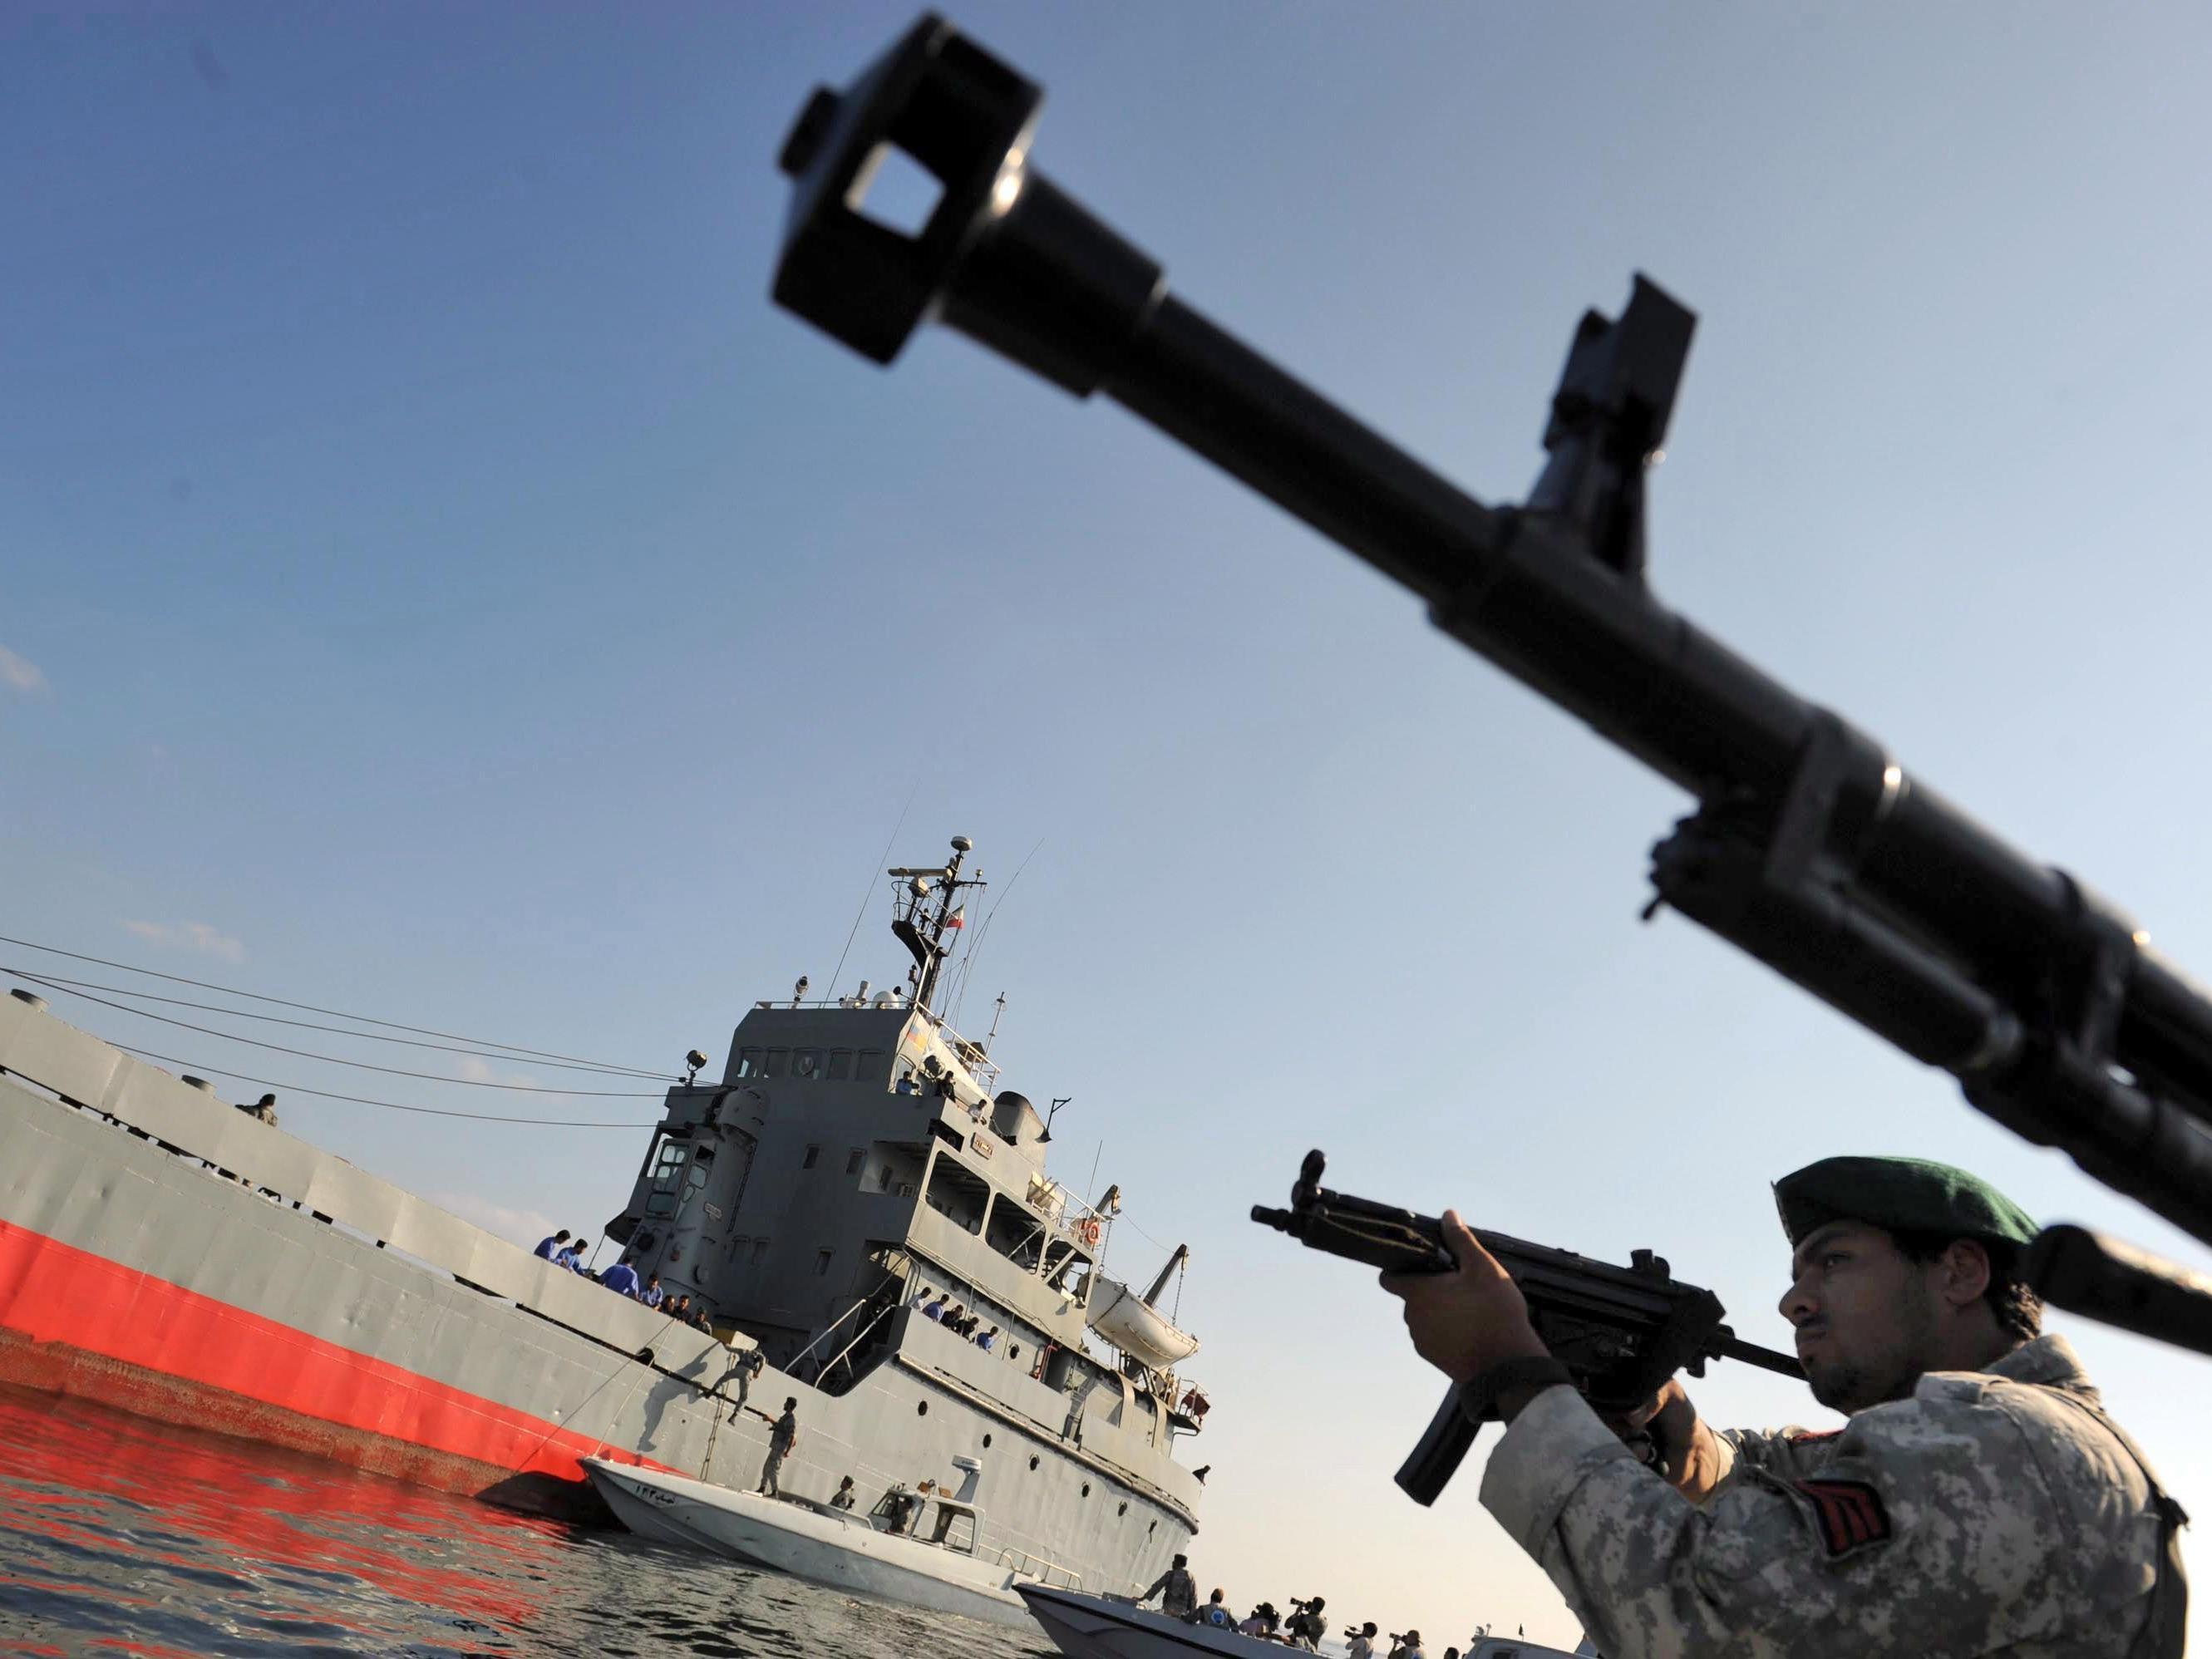 Jalali betonte, der Wunsch, dem Iran Schaden zuzufügen, werde verheerende Konsequenzen haben